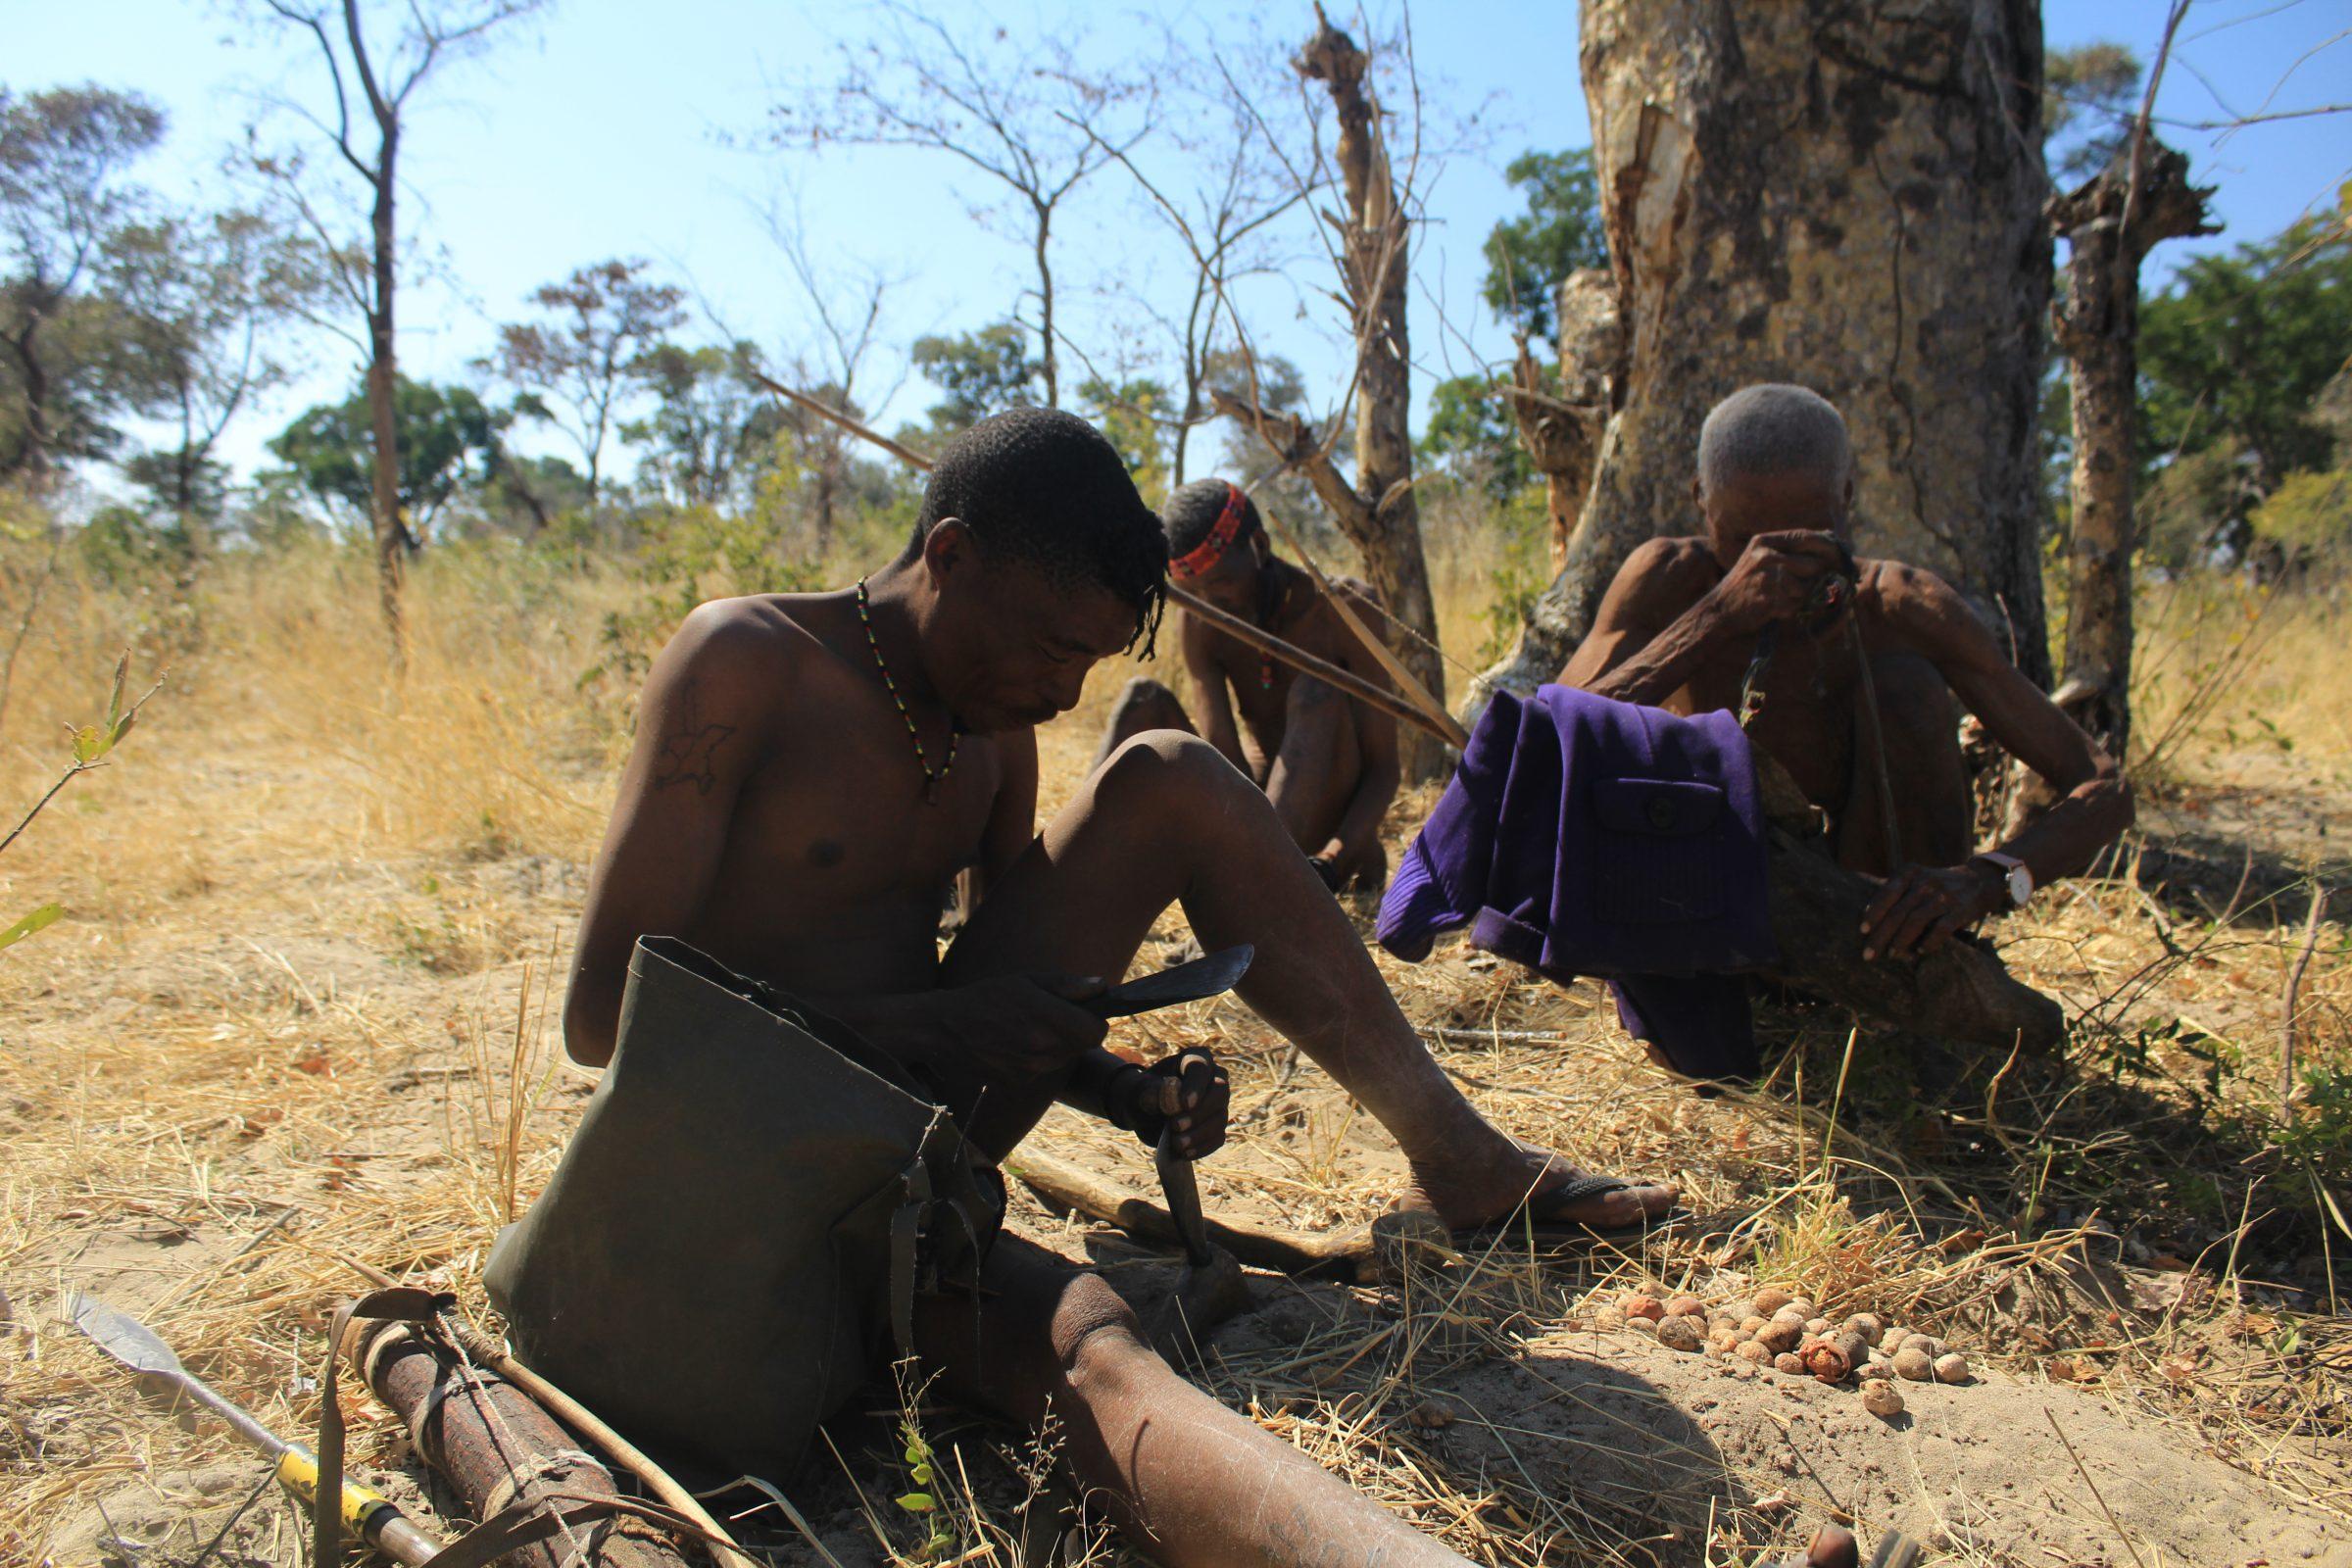 Bosjesmannen verzamelen de Mangetti noten en maken ze open om ze op te eten